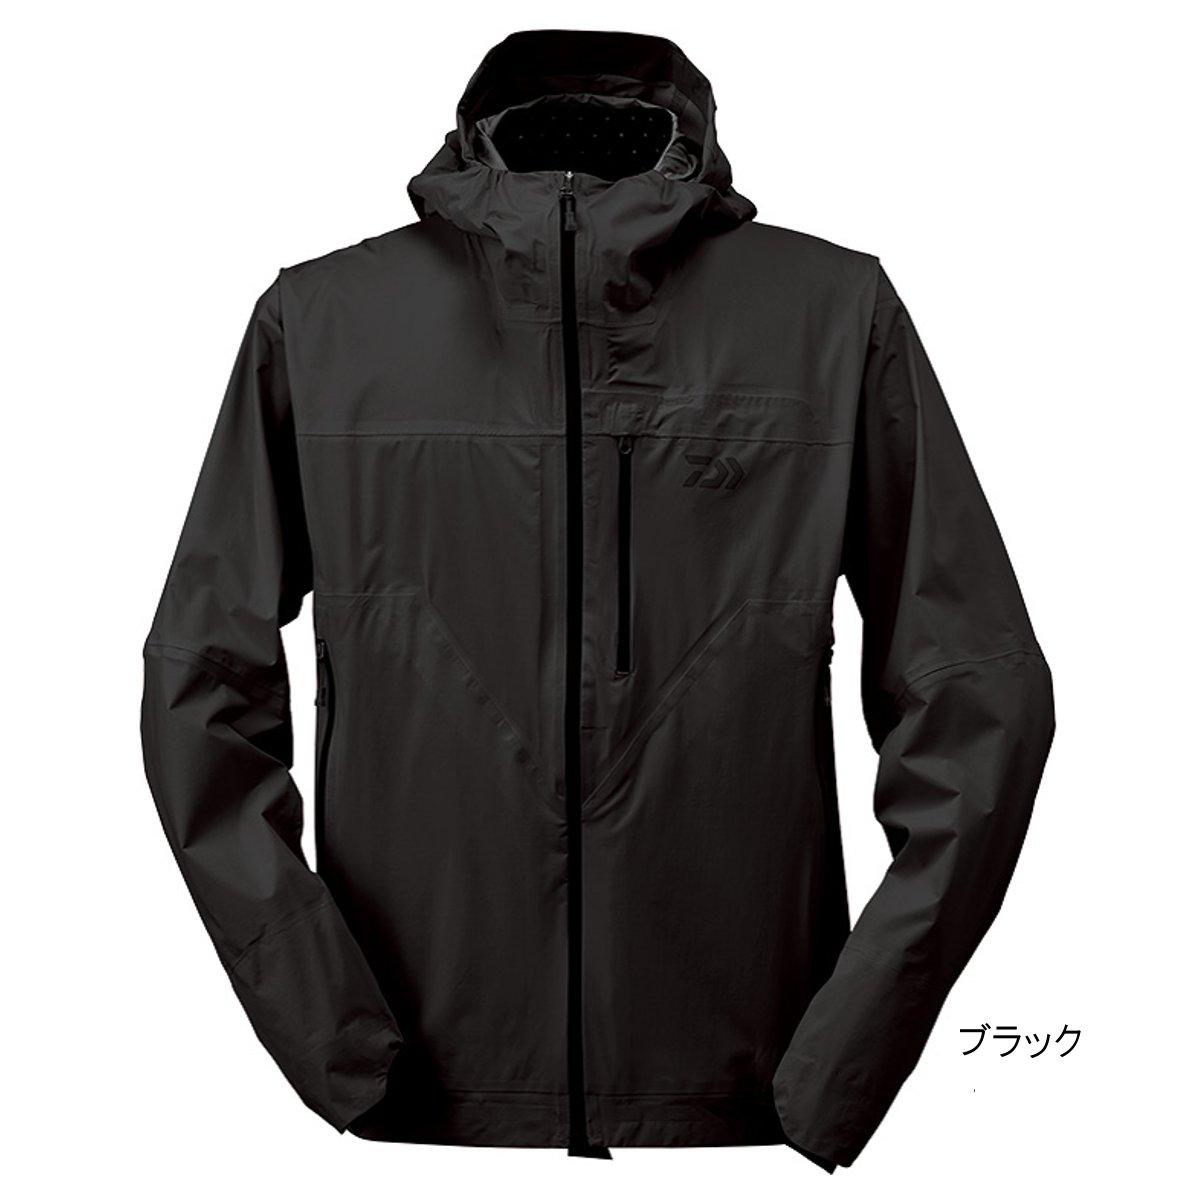 ダイワ レインマックス ポケッタブルレインジャケット DR-32009J 2XL ブラック(東日本店)